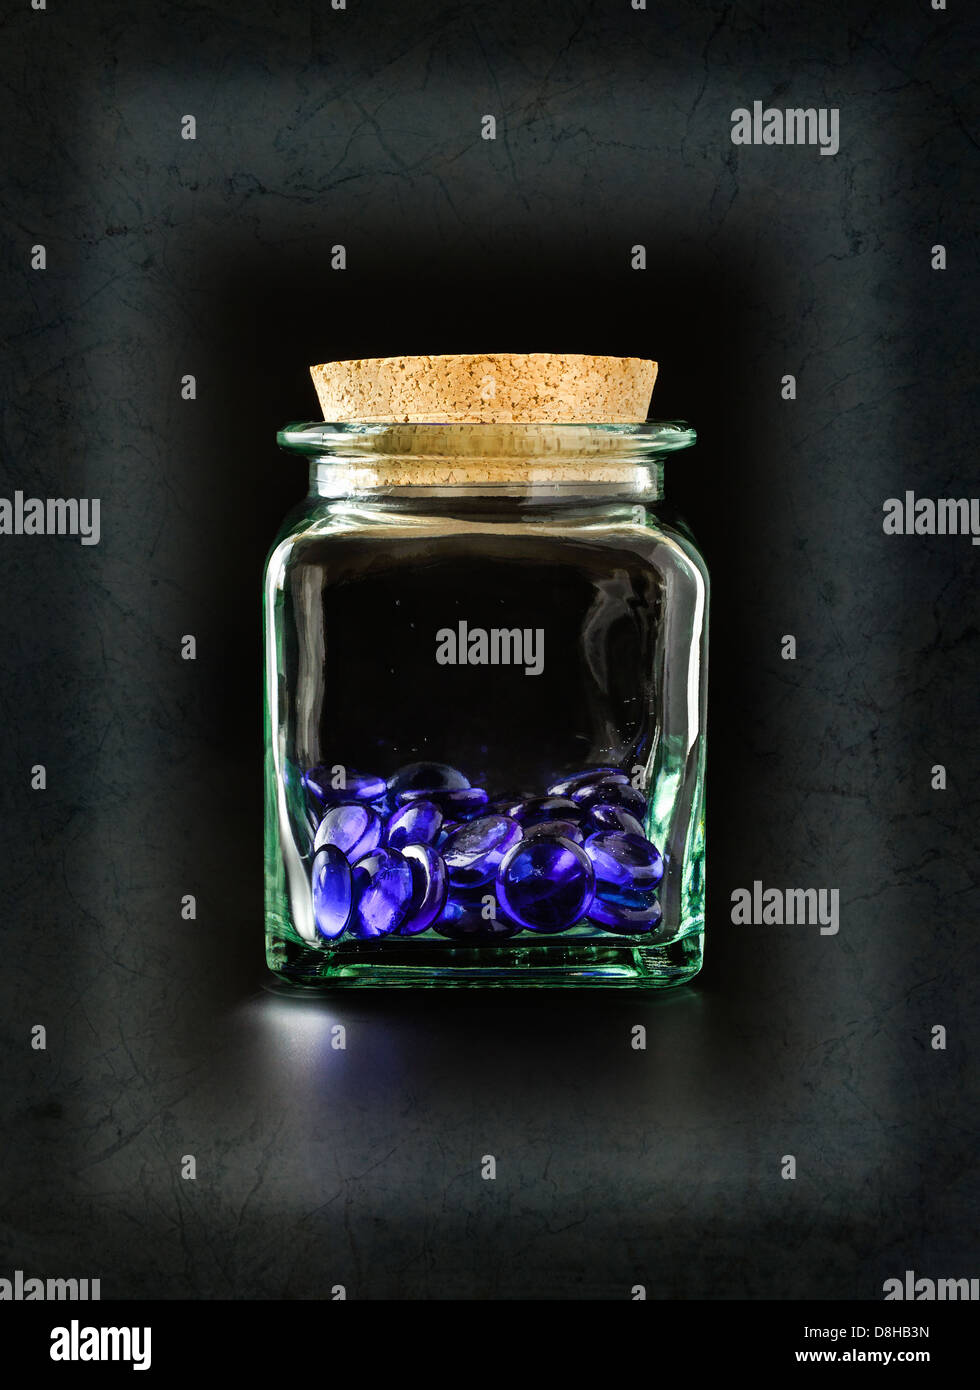 Dekorative blauen Glassteinen in Glasbehälter Stockbild